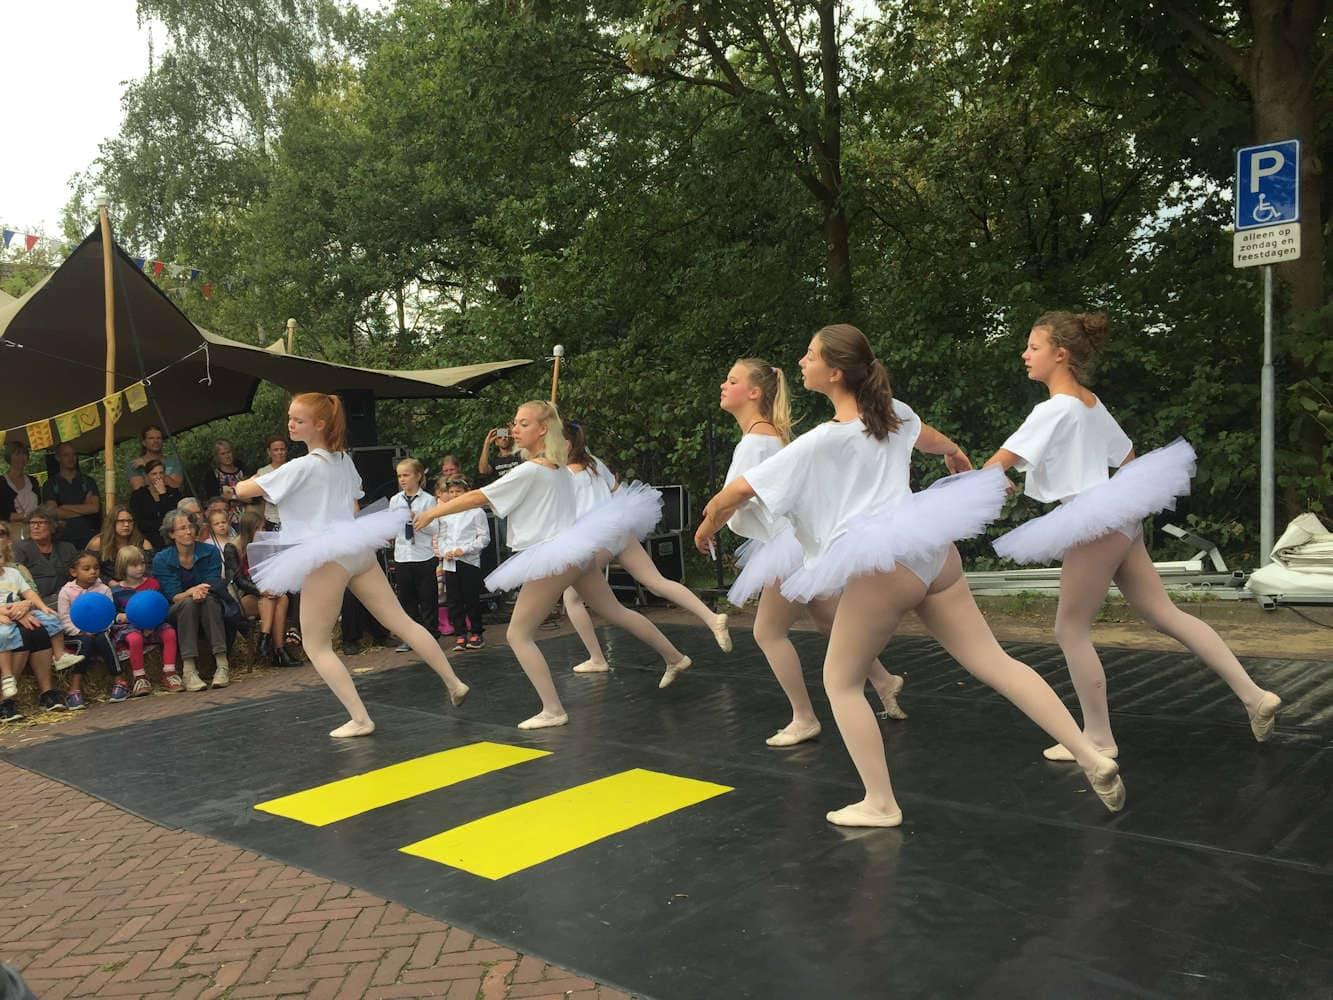 Molenmarkt 2018, op het ons huis podium met Ballet. Foto Martijn Adelmund